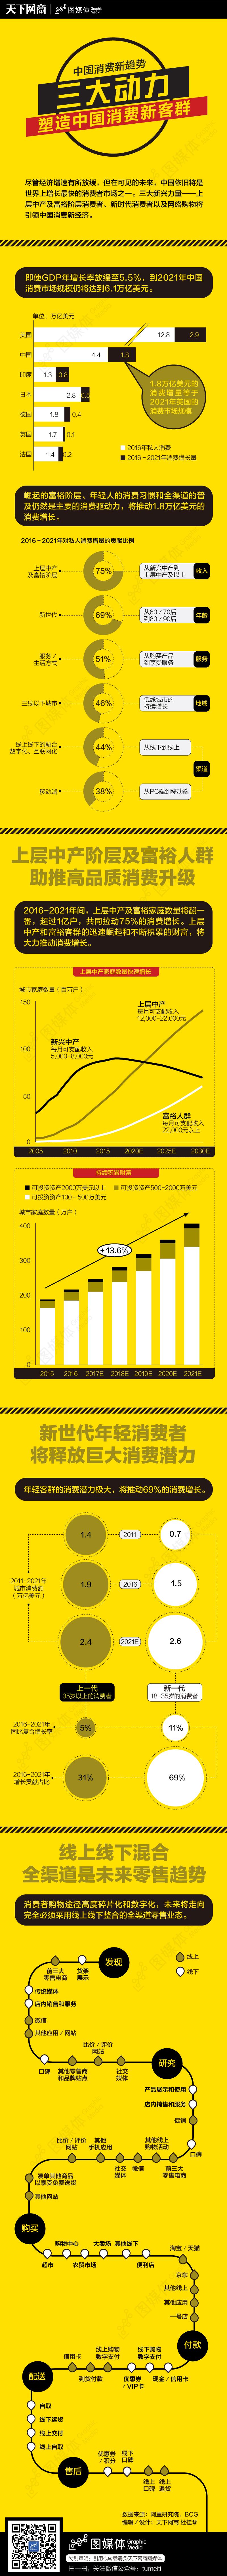 954-中国消费新趋势 三大动力塑造中国消费新客群-01